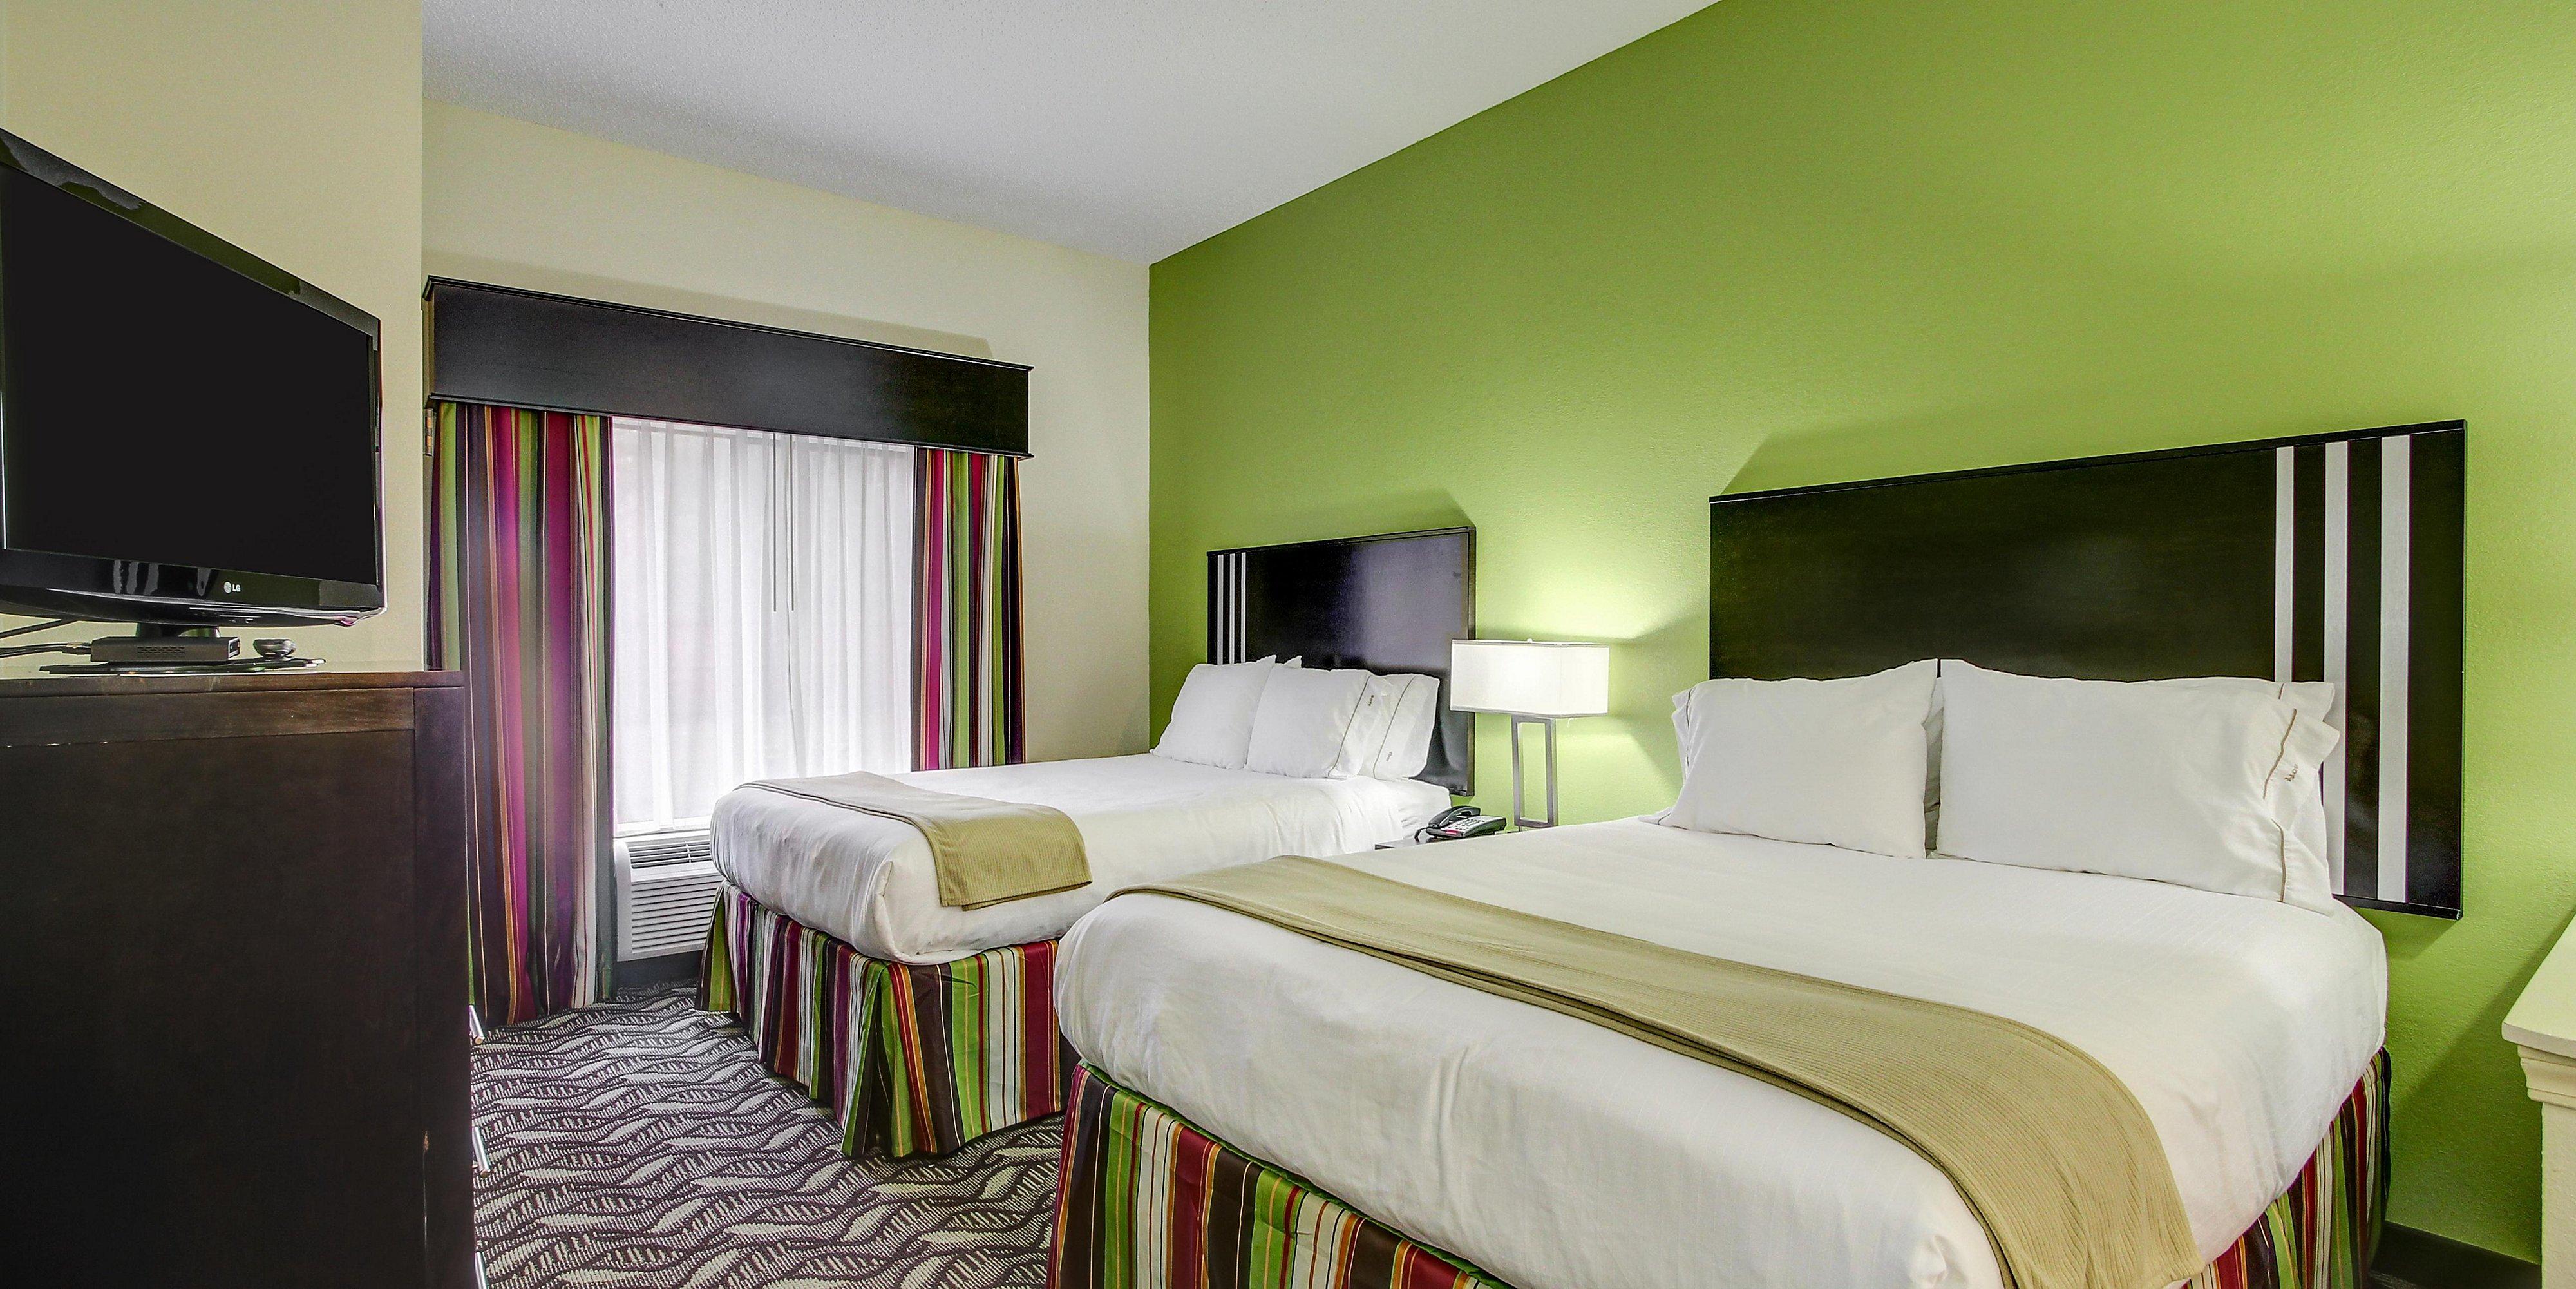 Holiday Inn Express Richmond Hill 4730523970 2x1